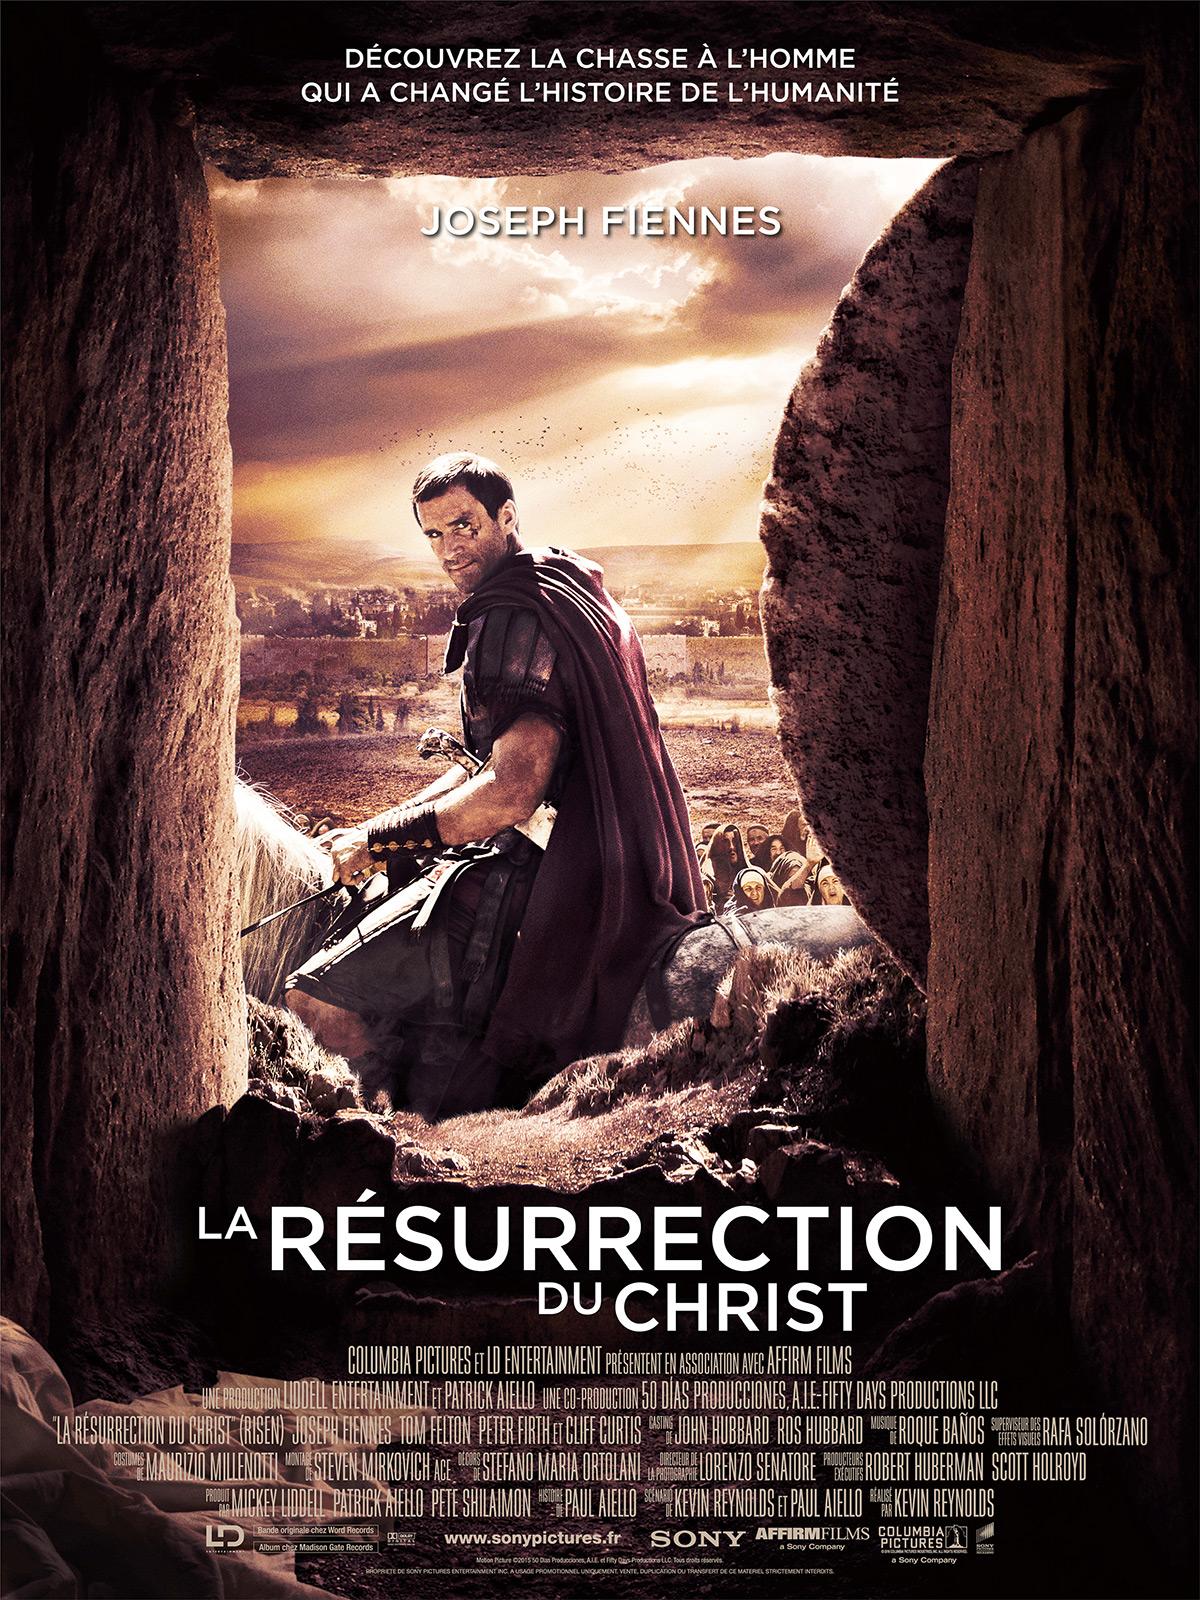 La Résurrection du Christ ddl